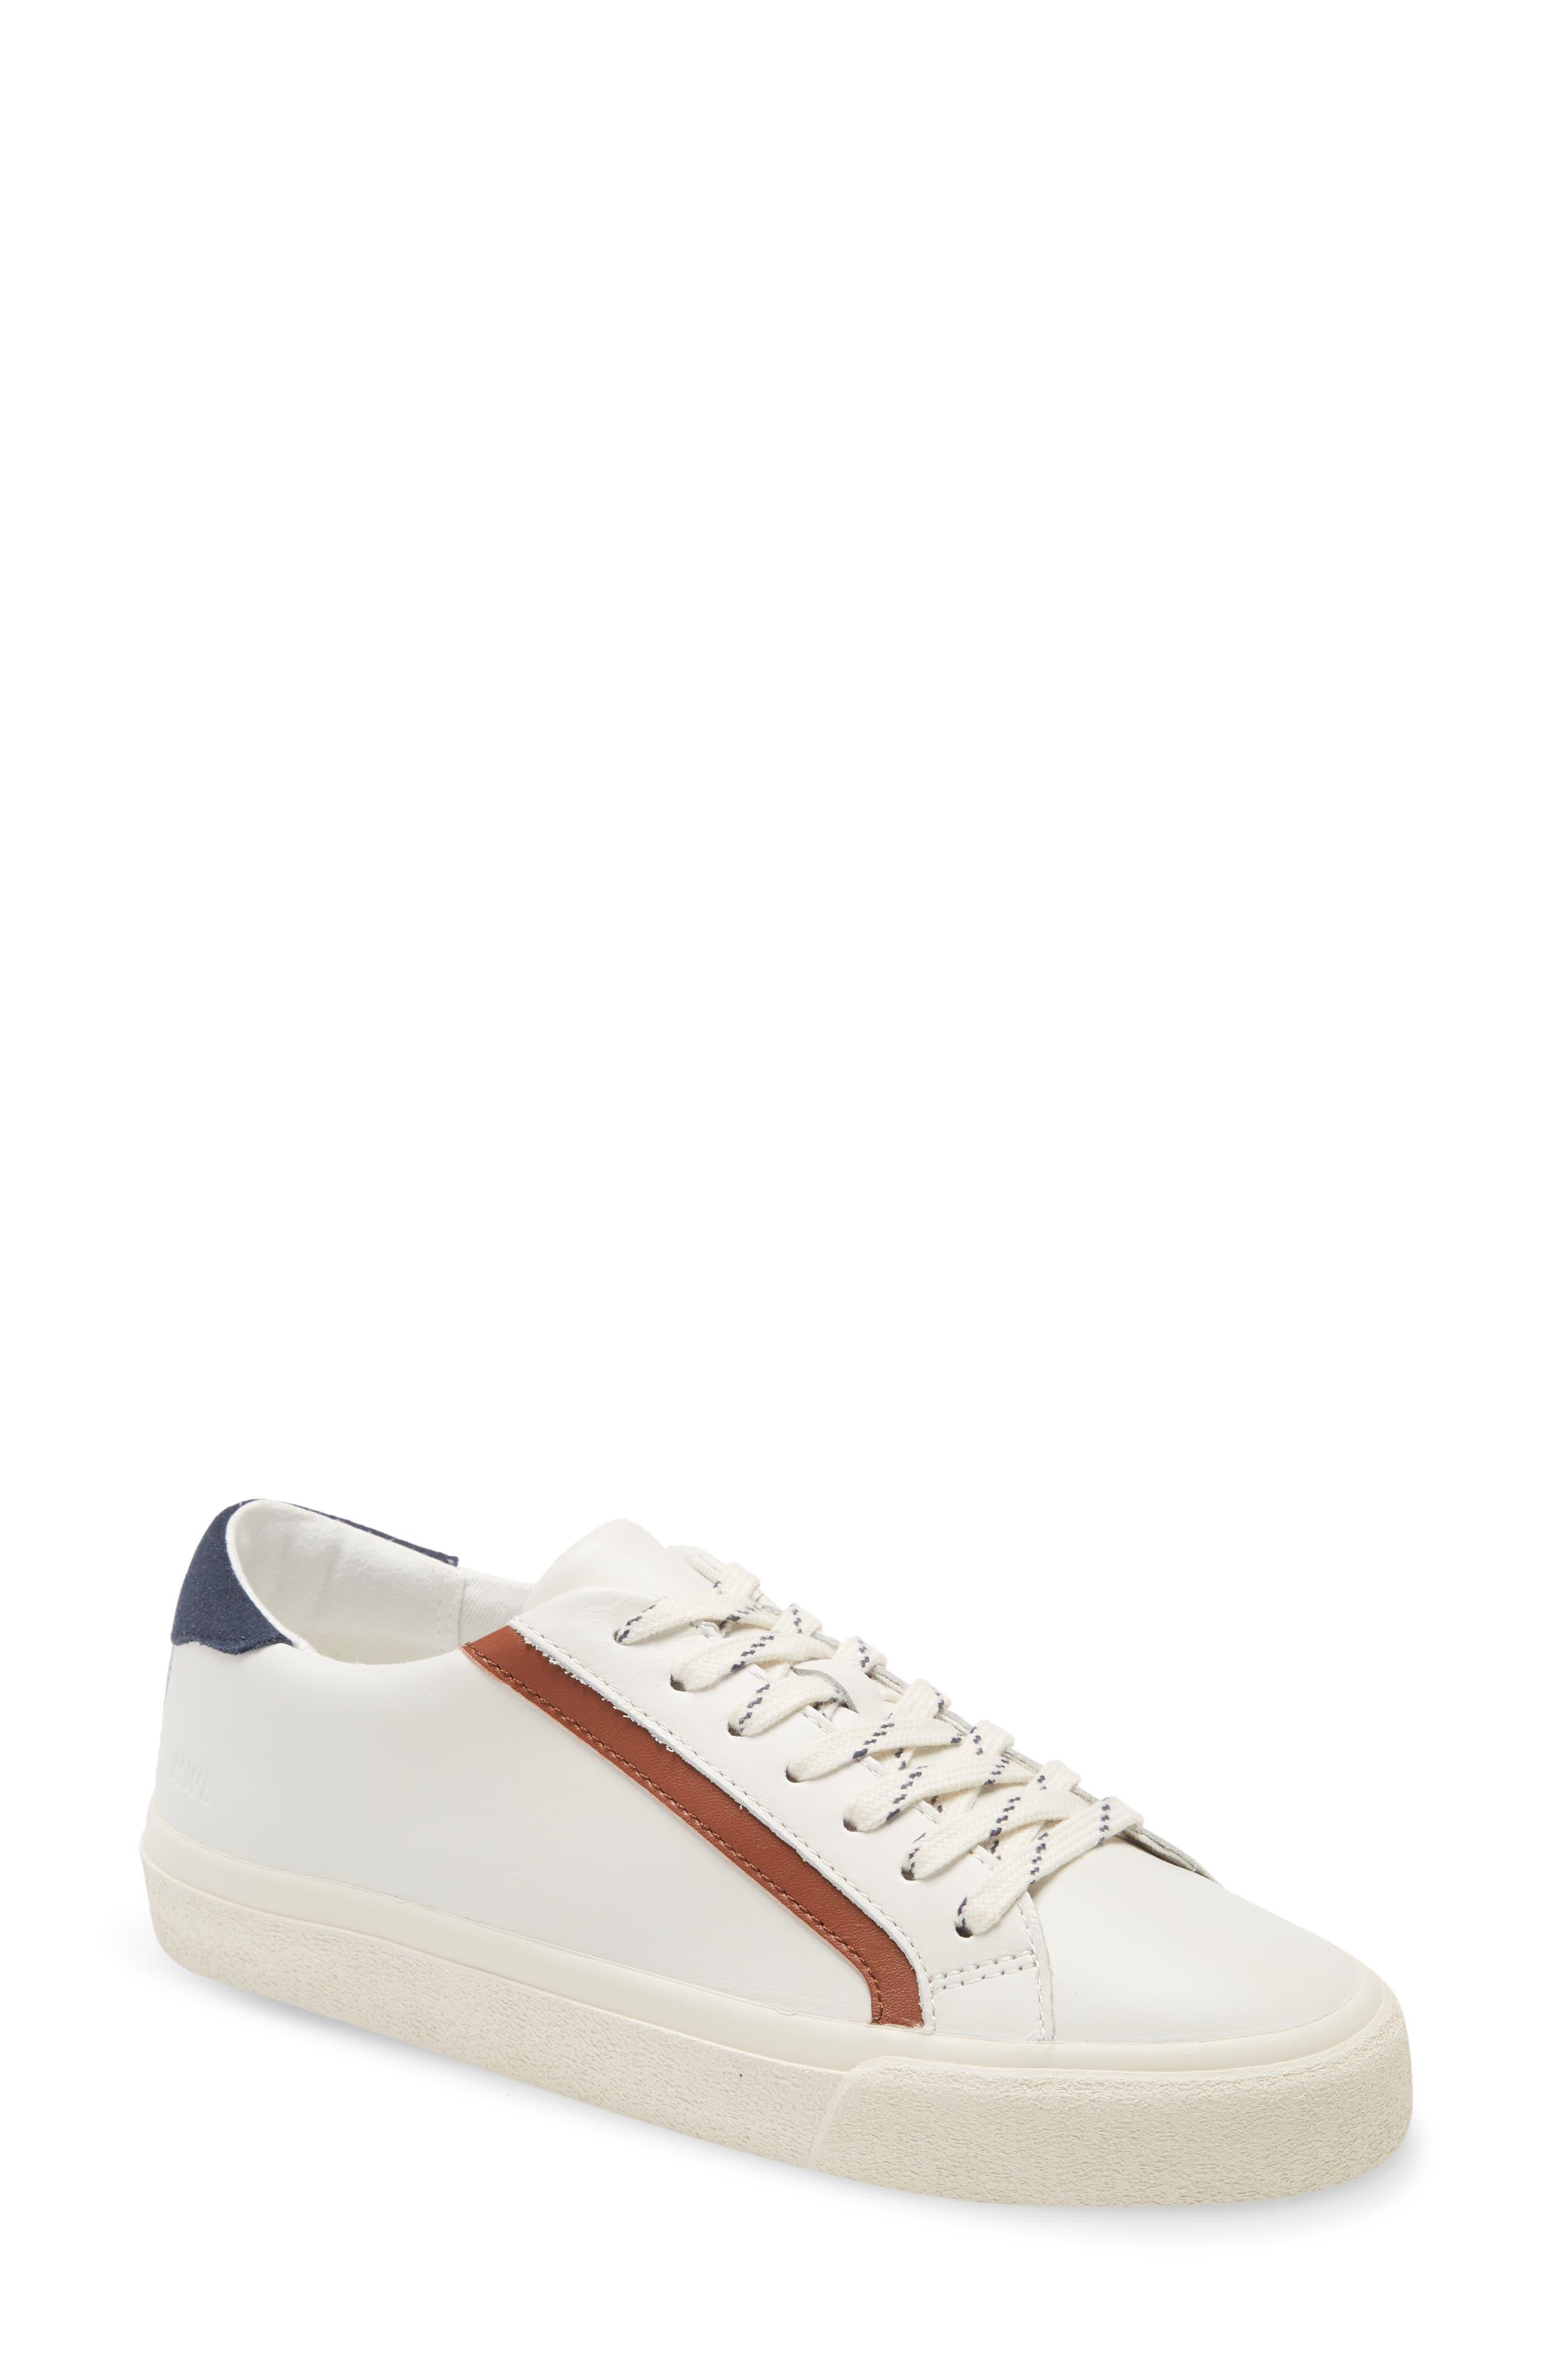 Women's Madewell Sneakers \u0026 Athletic